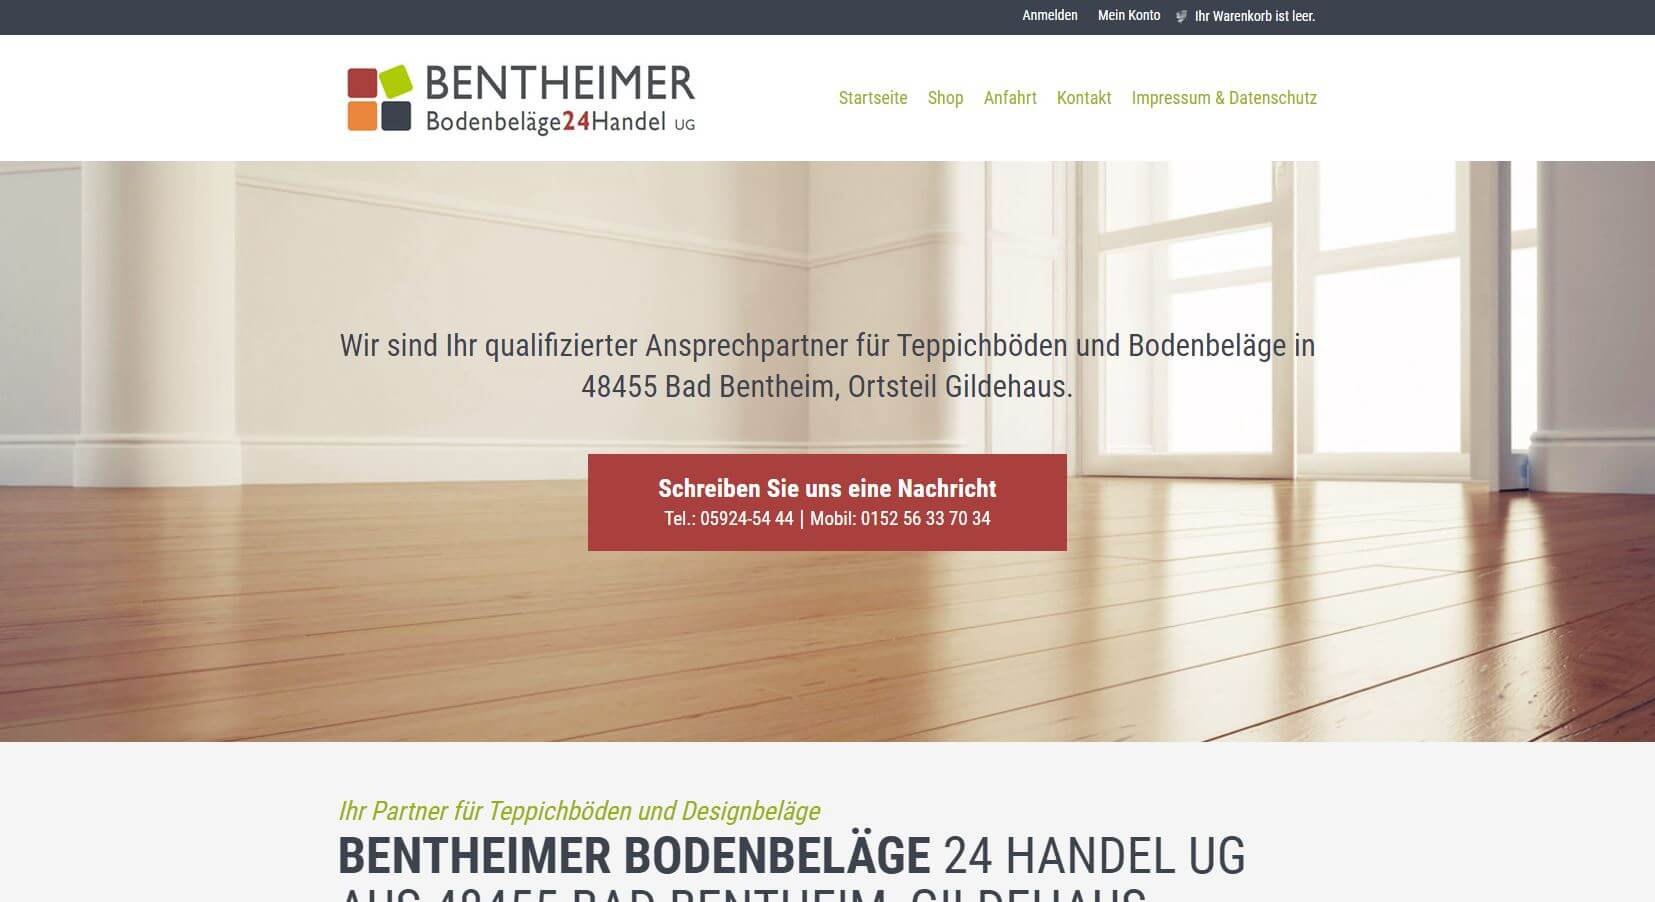 Screenshot Bentheimer Bodenbeläge